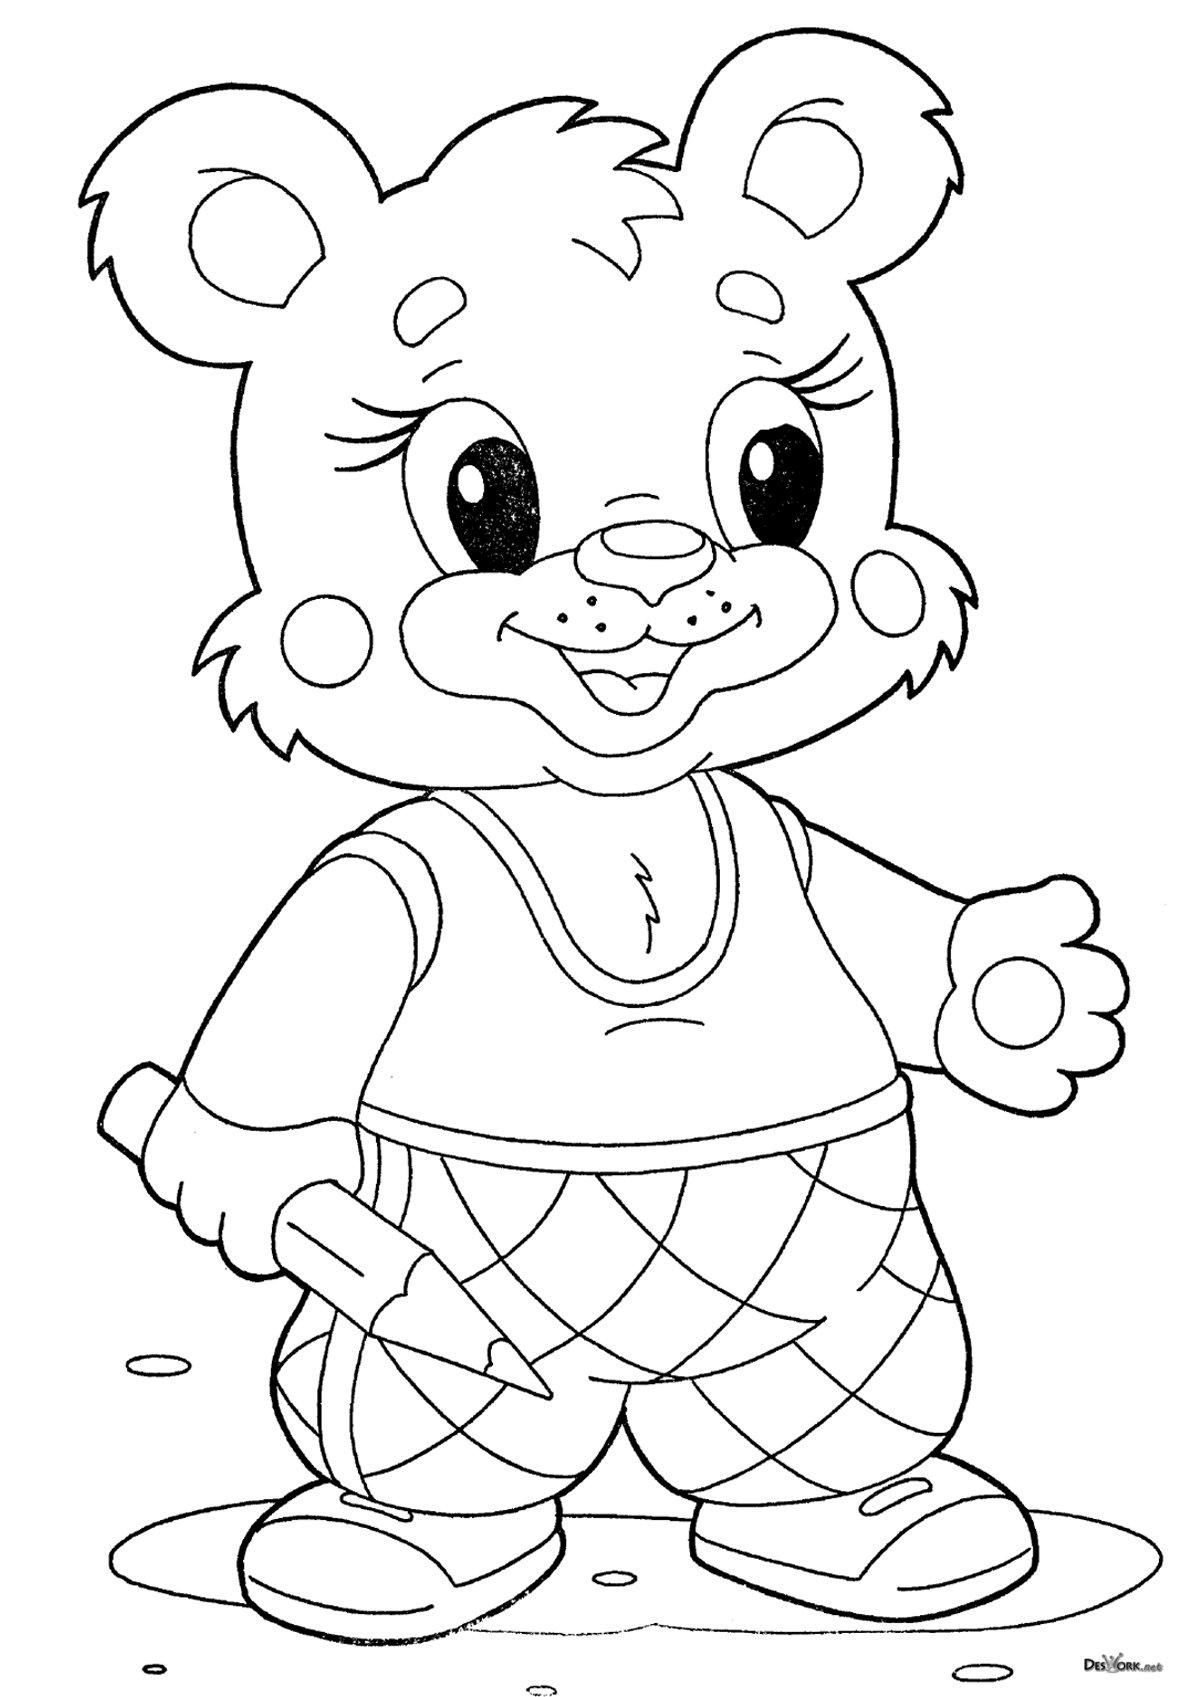 Картинки раскраски зверюшки для детей